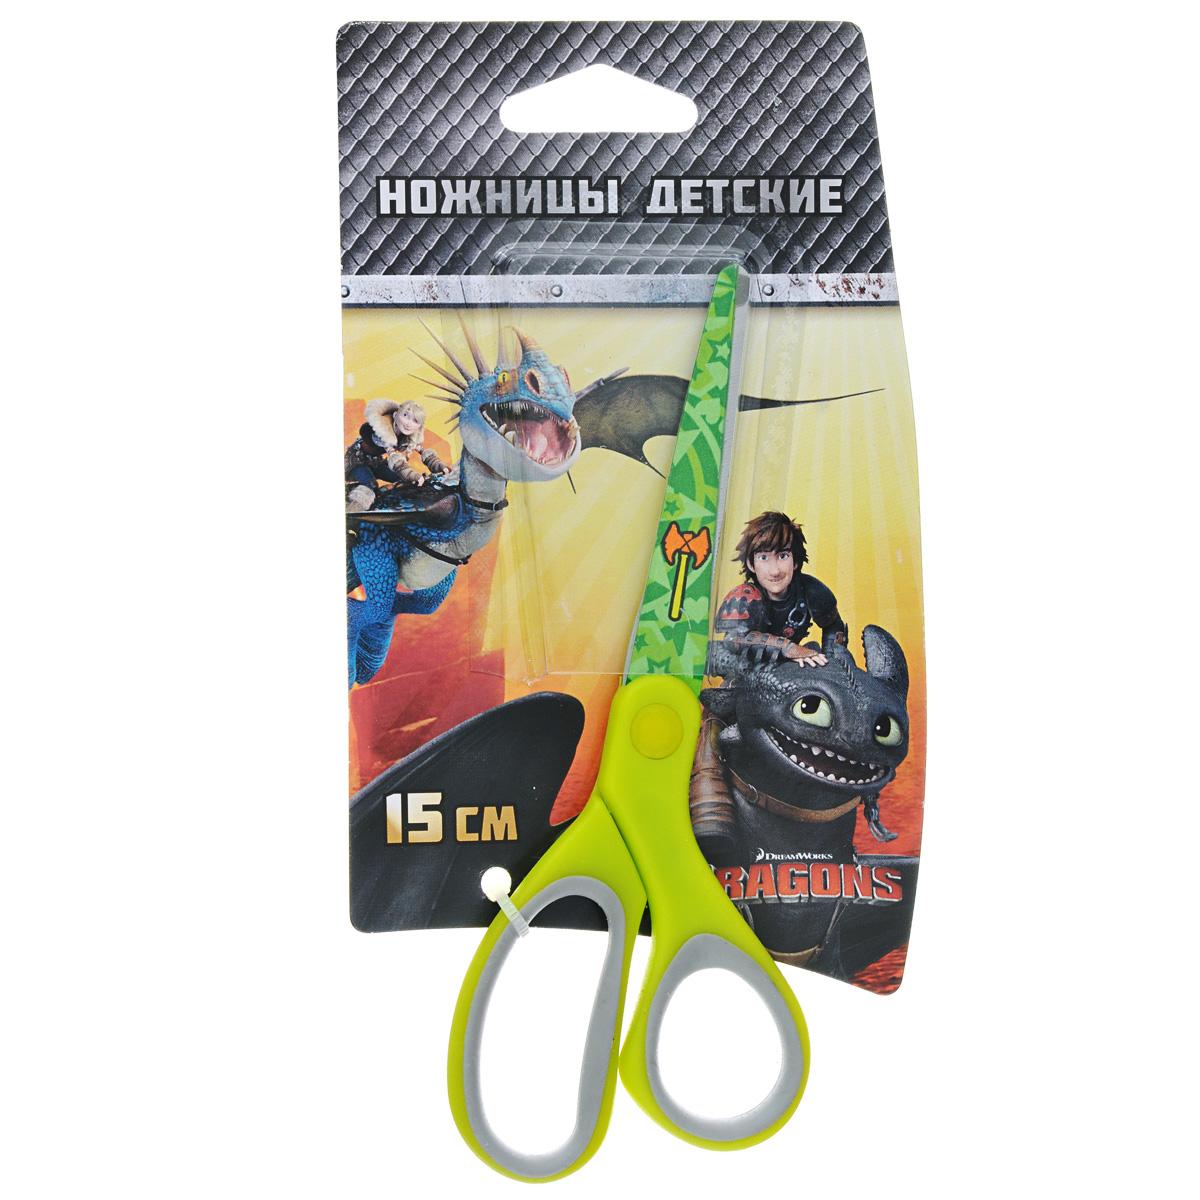 Ножницы детские Action Dragons, цвет: салатовый, 15 смC37329/DR-ASC265_салатовыйДетские ножницы Action Dragons с безопасными закругленными лезвиями изготовлены из высококачественной нержавеющей стали. Лезвия с наружной стороны оформлены декоративным рисунком. Облегченные ручки ножниц адаптированы для детской руки. Вашему ребенку будет настоящим удовольствием делать с ножницами Action Dragons различные аппликации из бумаги или других материалов.